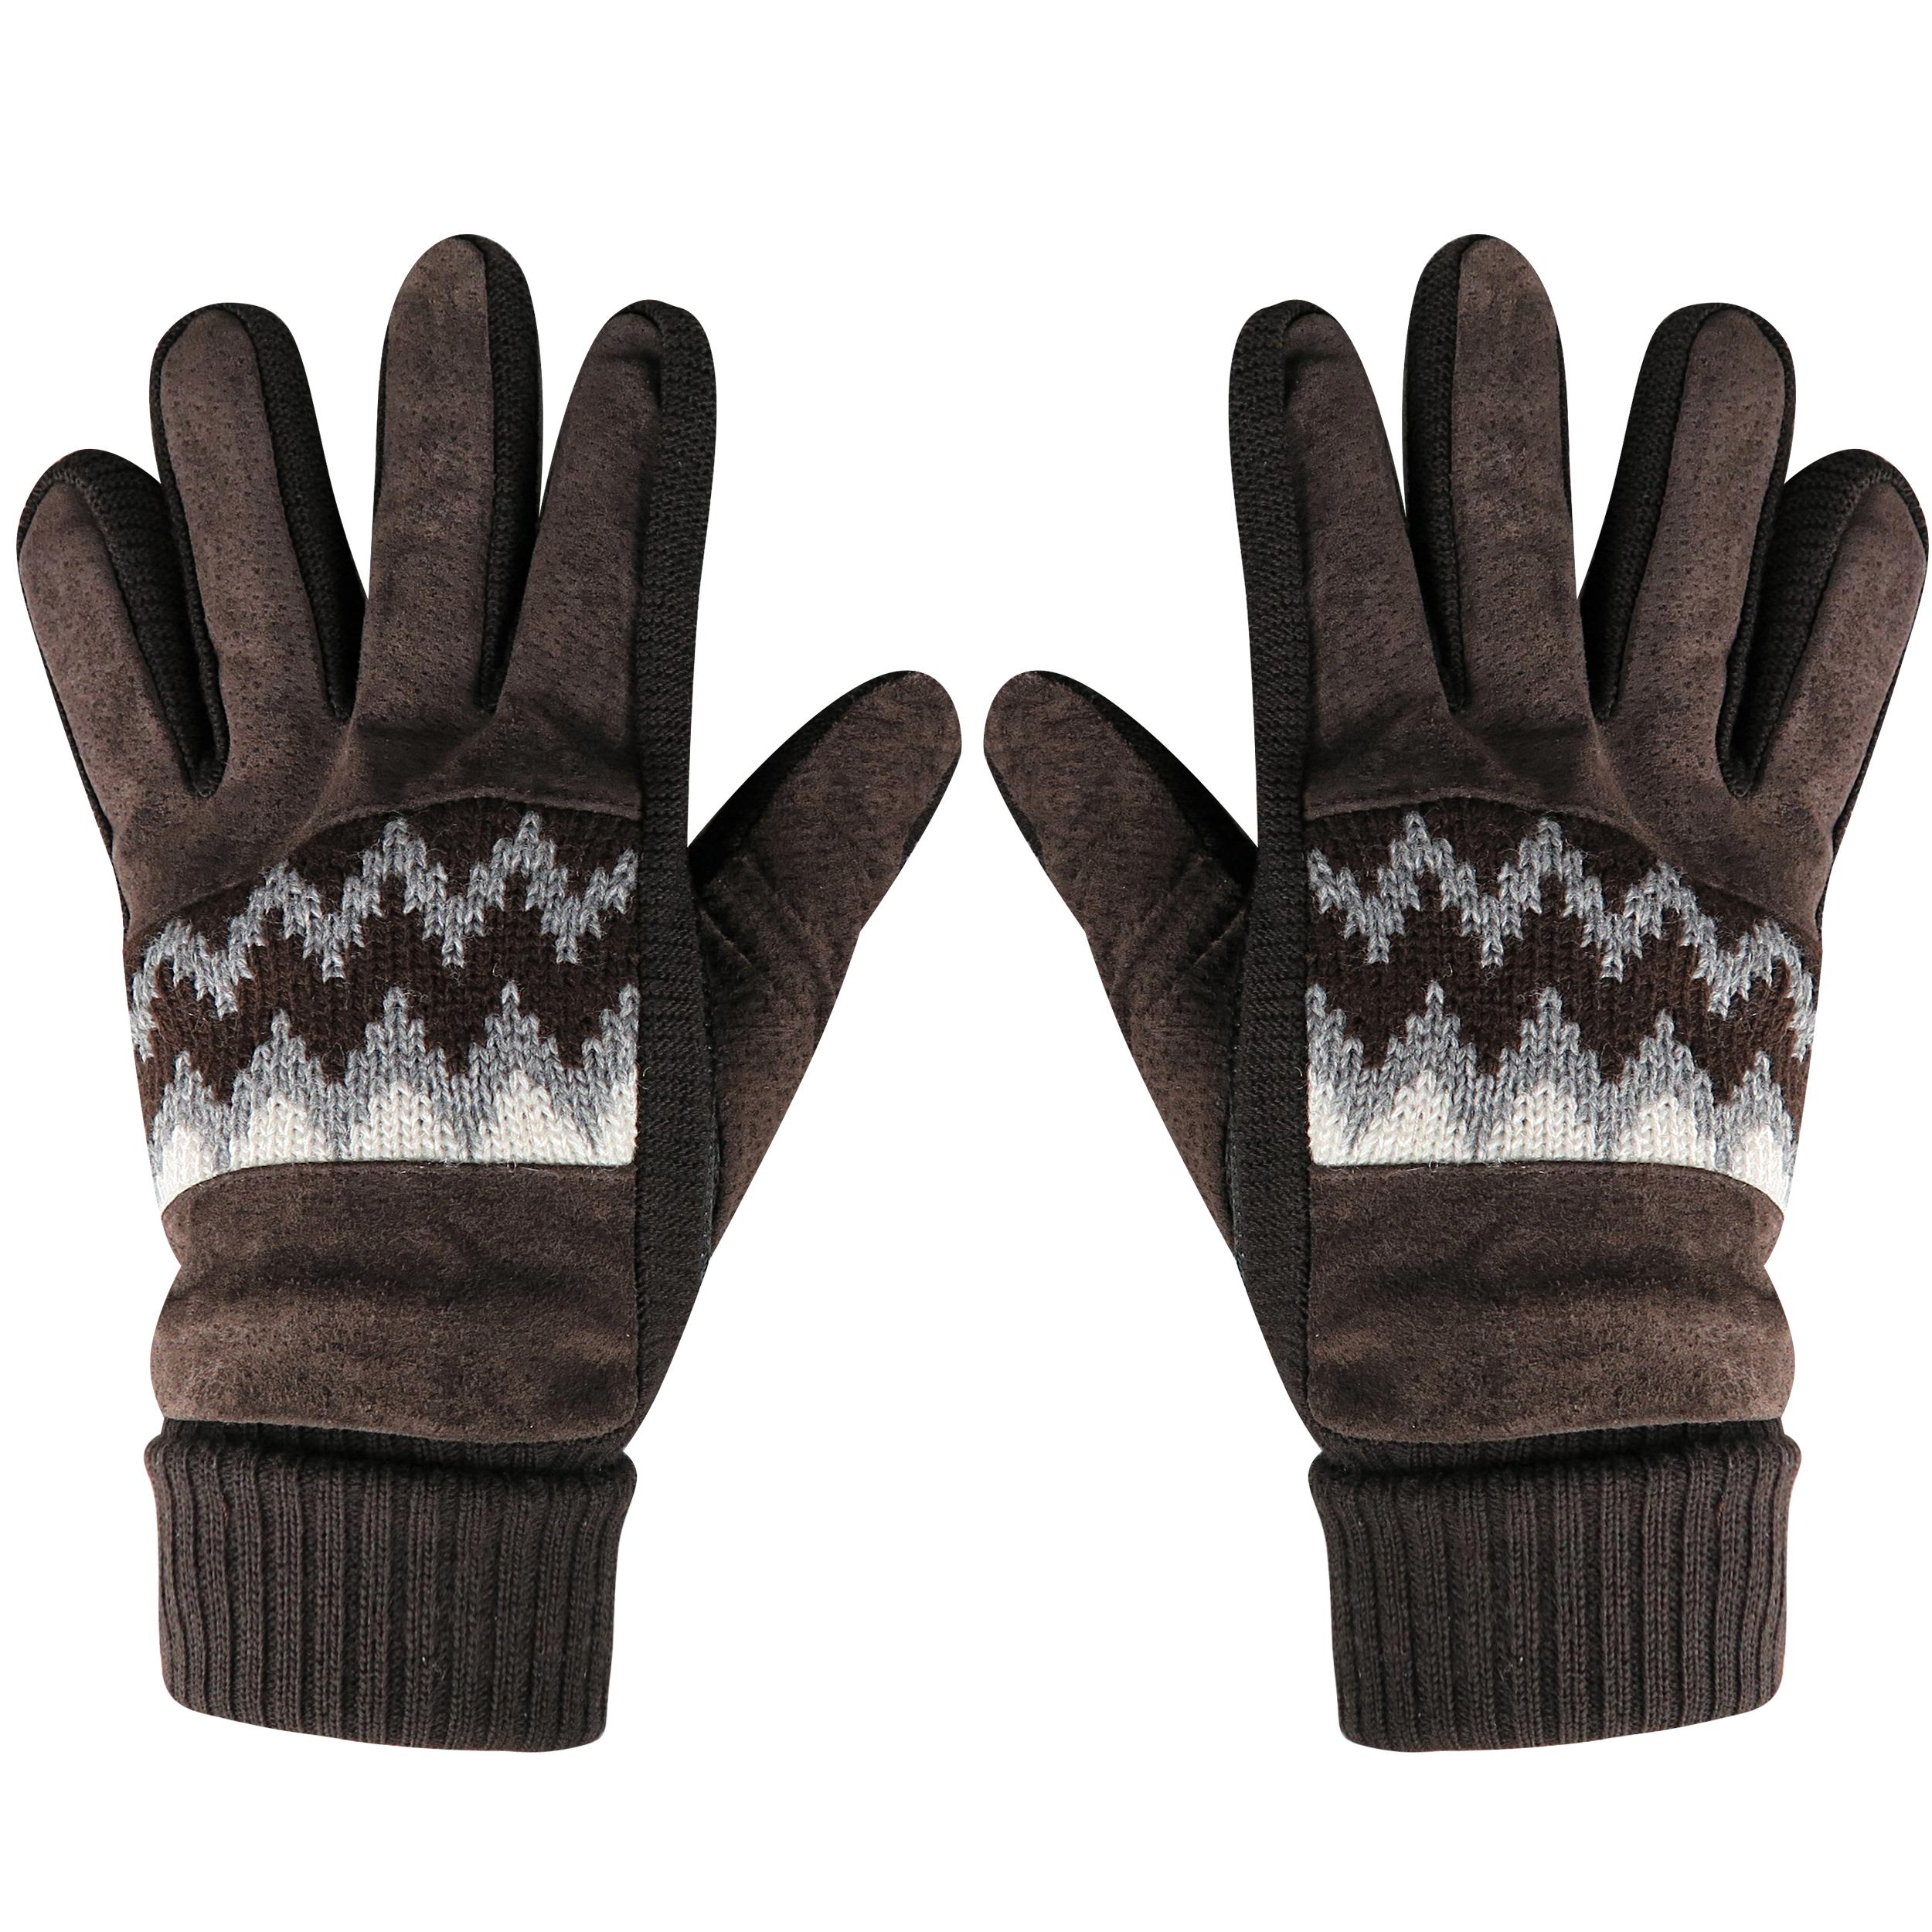 دستکش بافتنی مردانه مدل Dfv_12